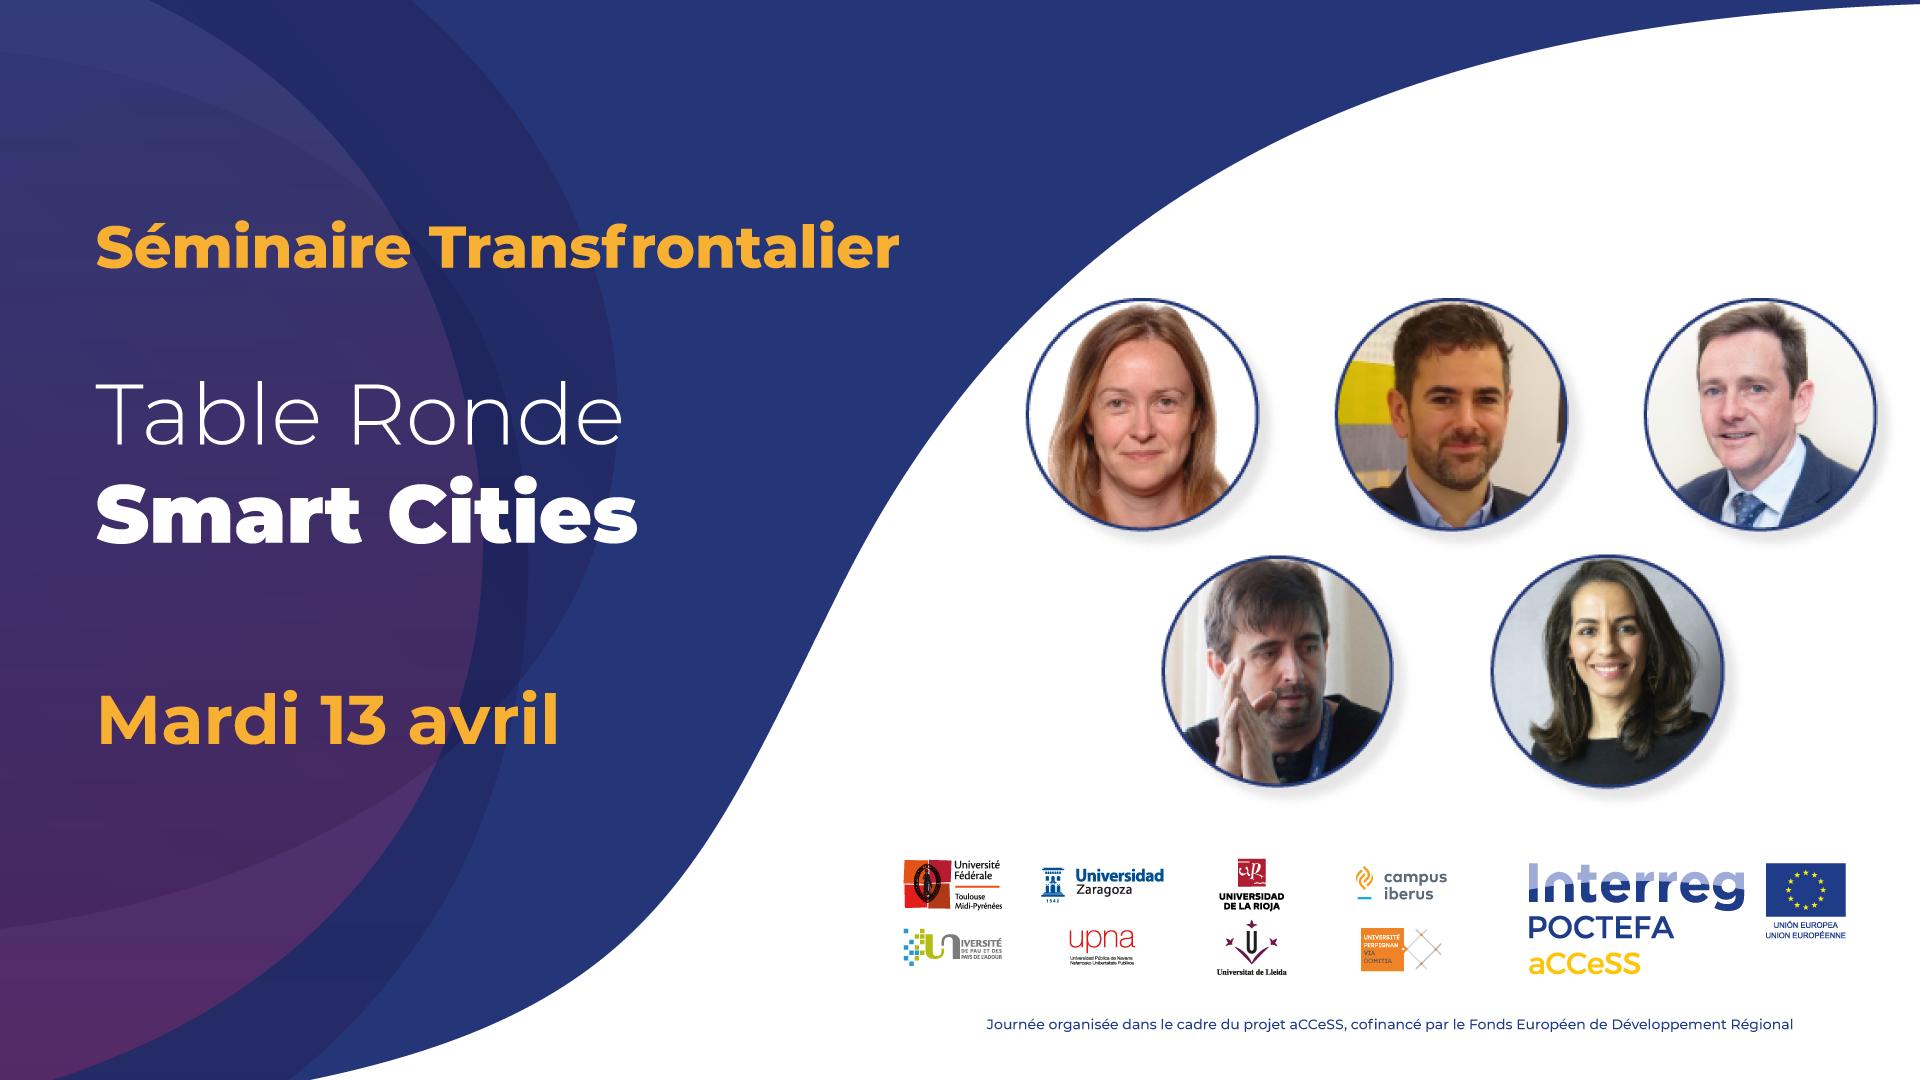 Le projet Interreg POCTEFA aCCeSS organise une table ronde pour discuter des Smart Cities lors de son séminaire de clôture le mardi 13 avril